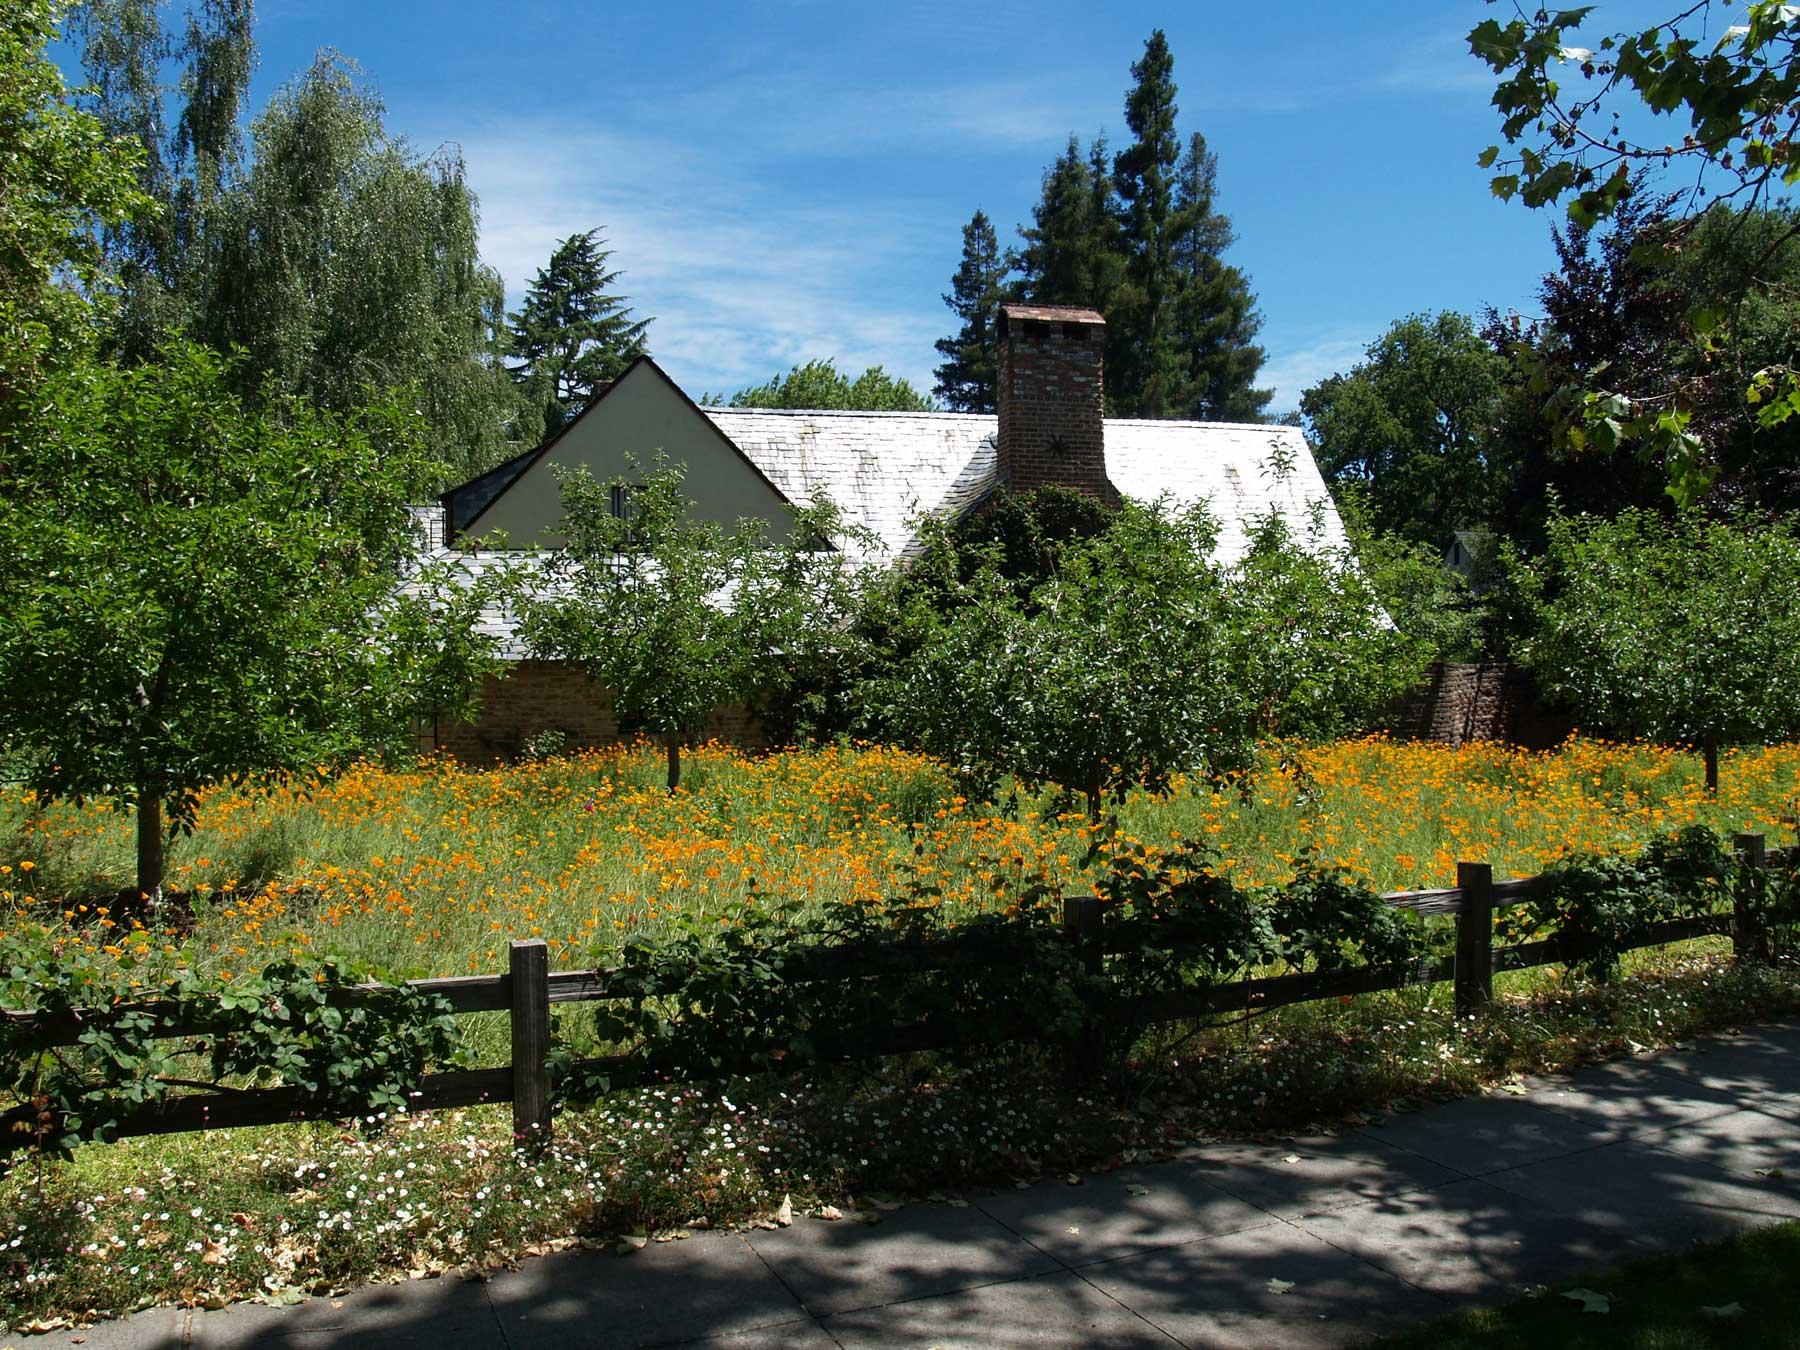 Исторический коттедж Джобса был снесен рядом с полем абрикосовых деревьев